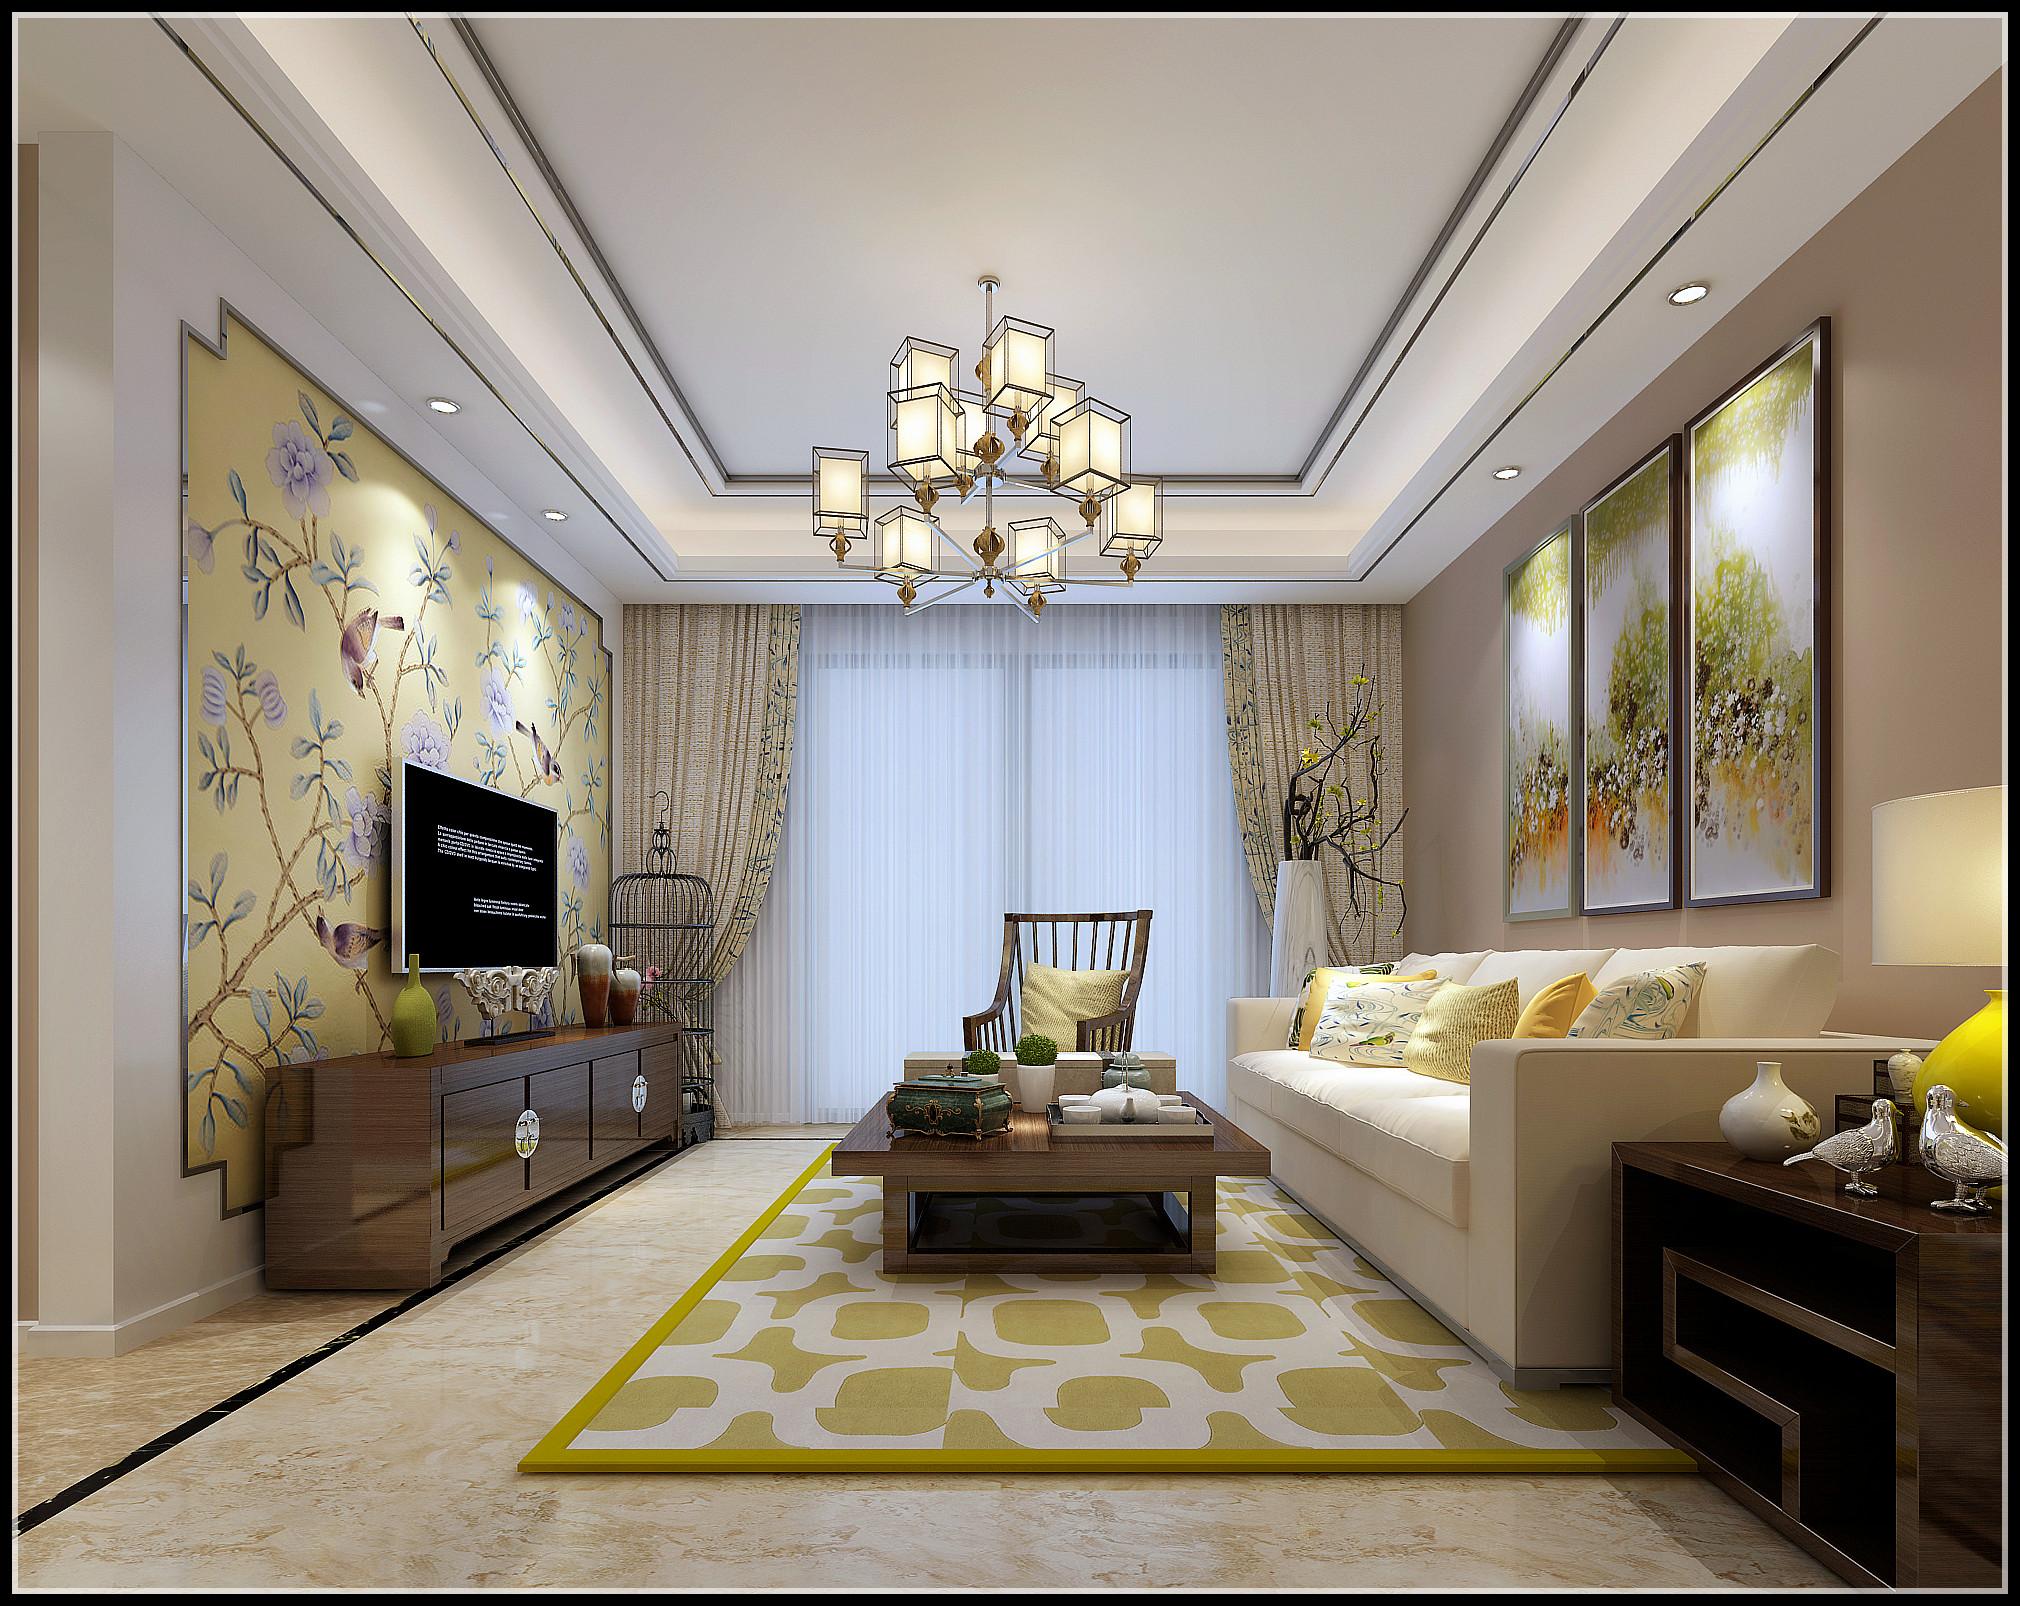 简约 混搭 客厅 卧室 厨房 餐厅 80后图片来自博爵装饰在沉稳又清雅的现代居所的分享